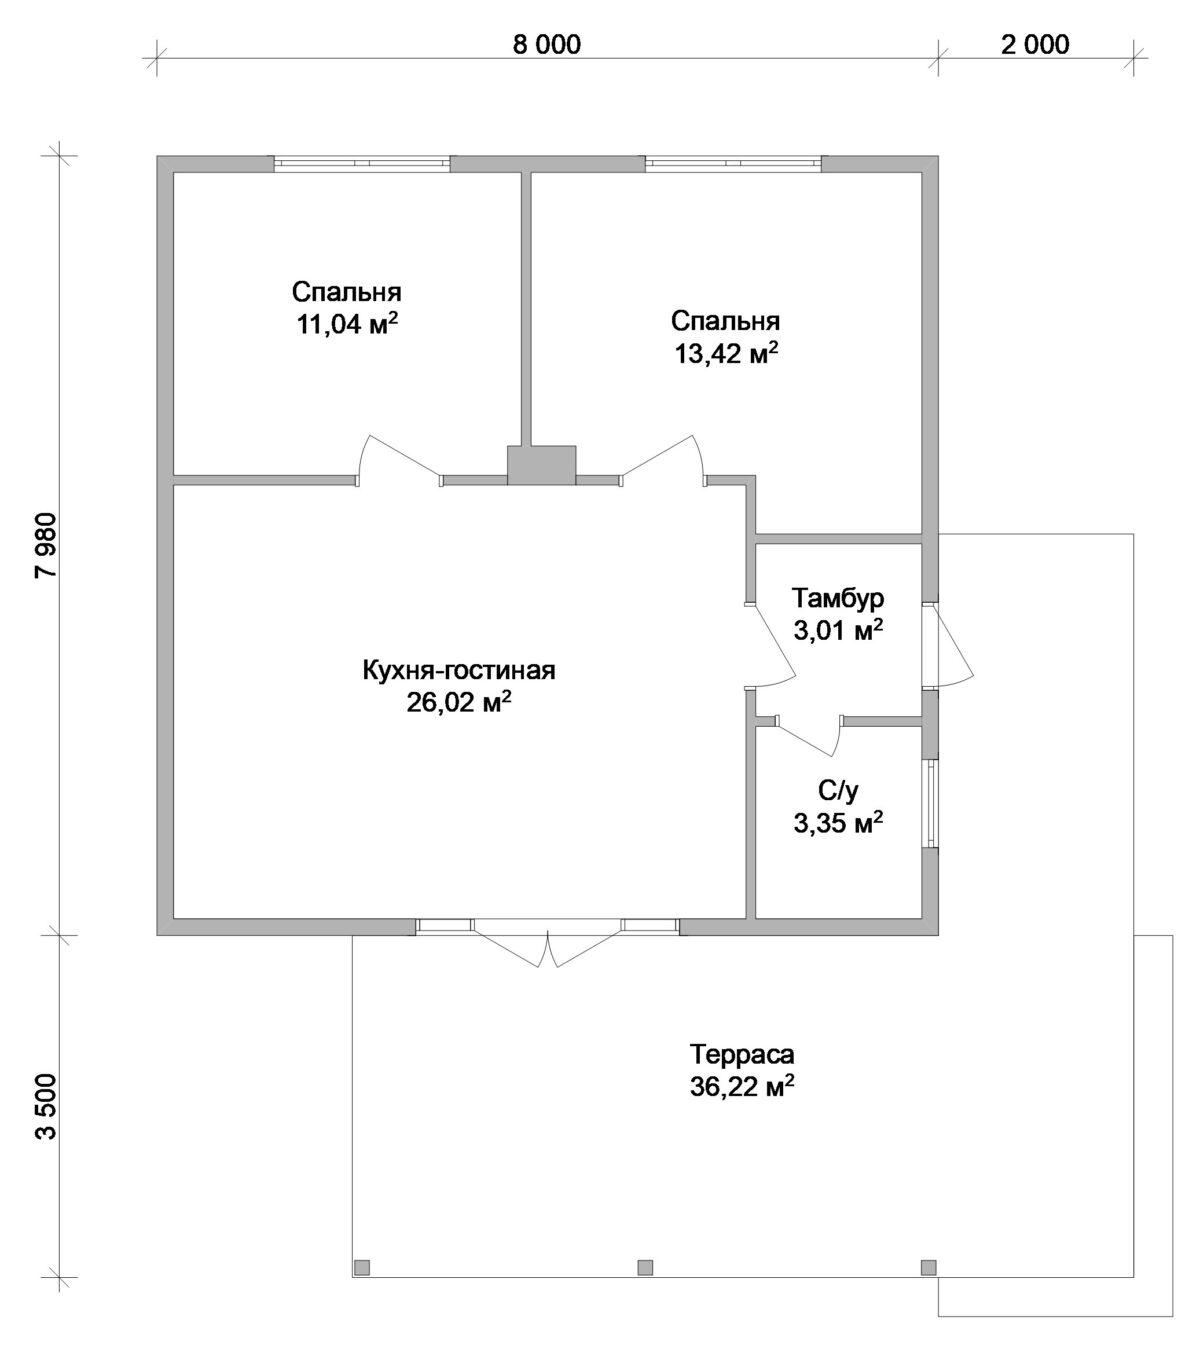 Берлога A-002 с видеообзором. Проект дачного домика с двумя спальнями и большой террасой